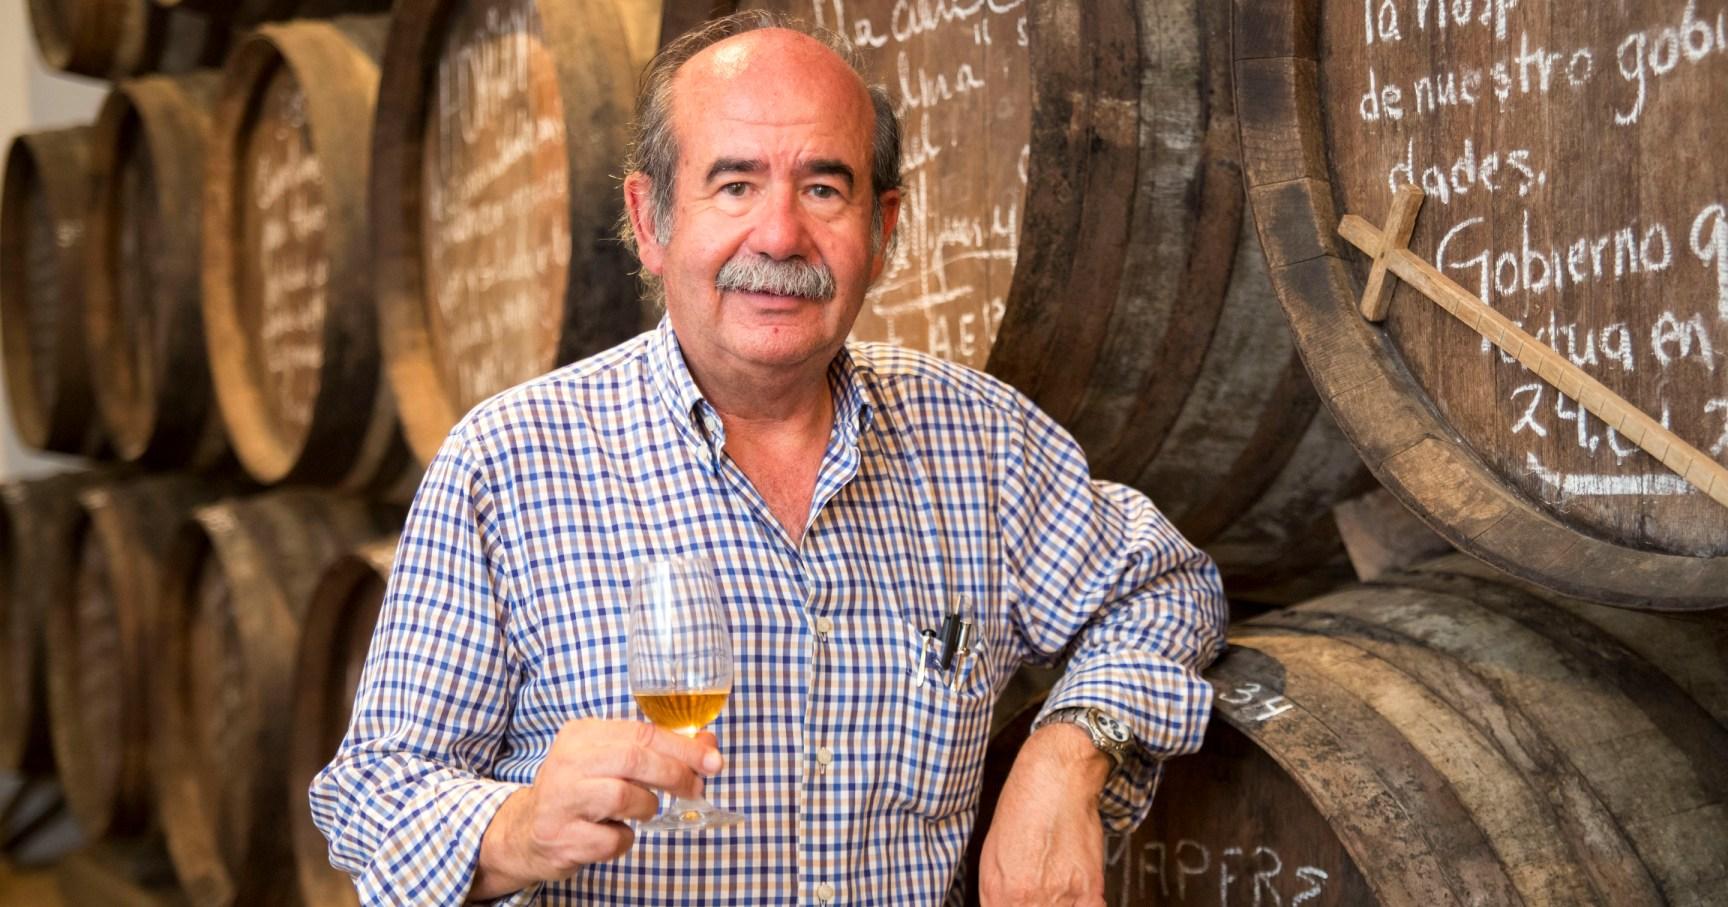 Miguel Cruz con copa de vino